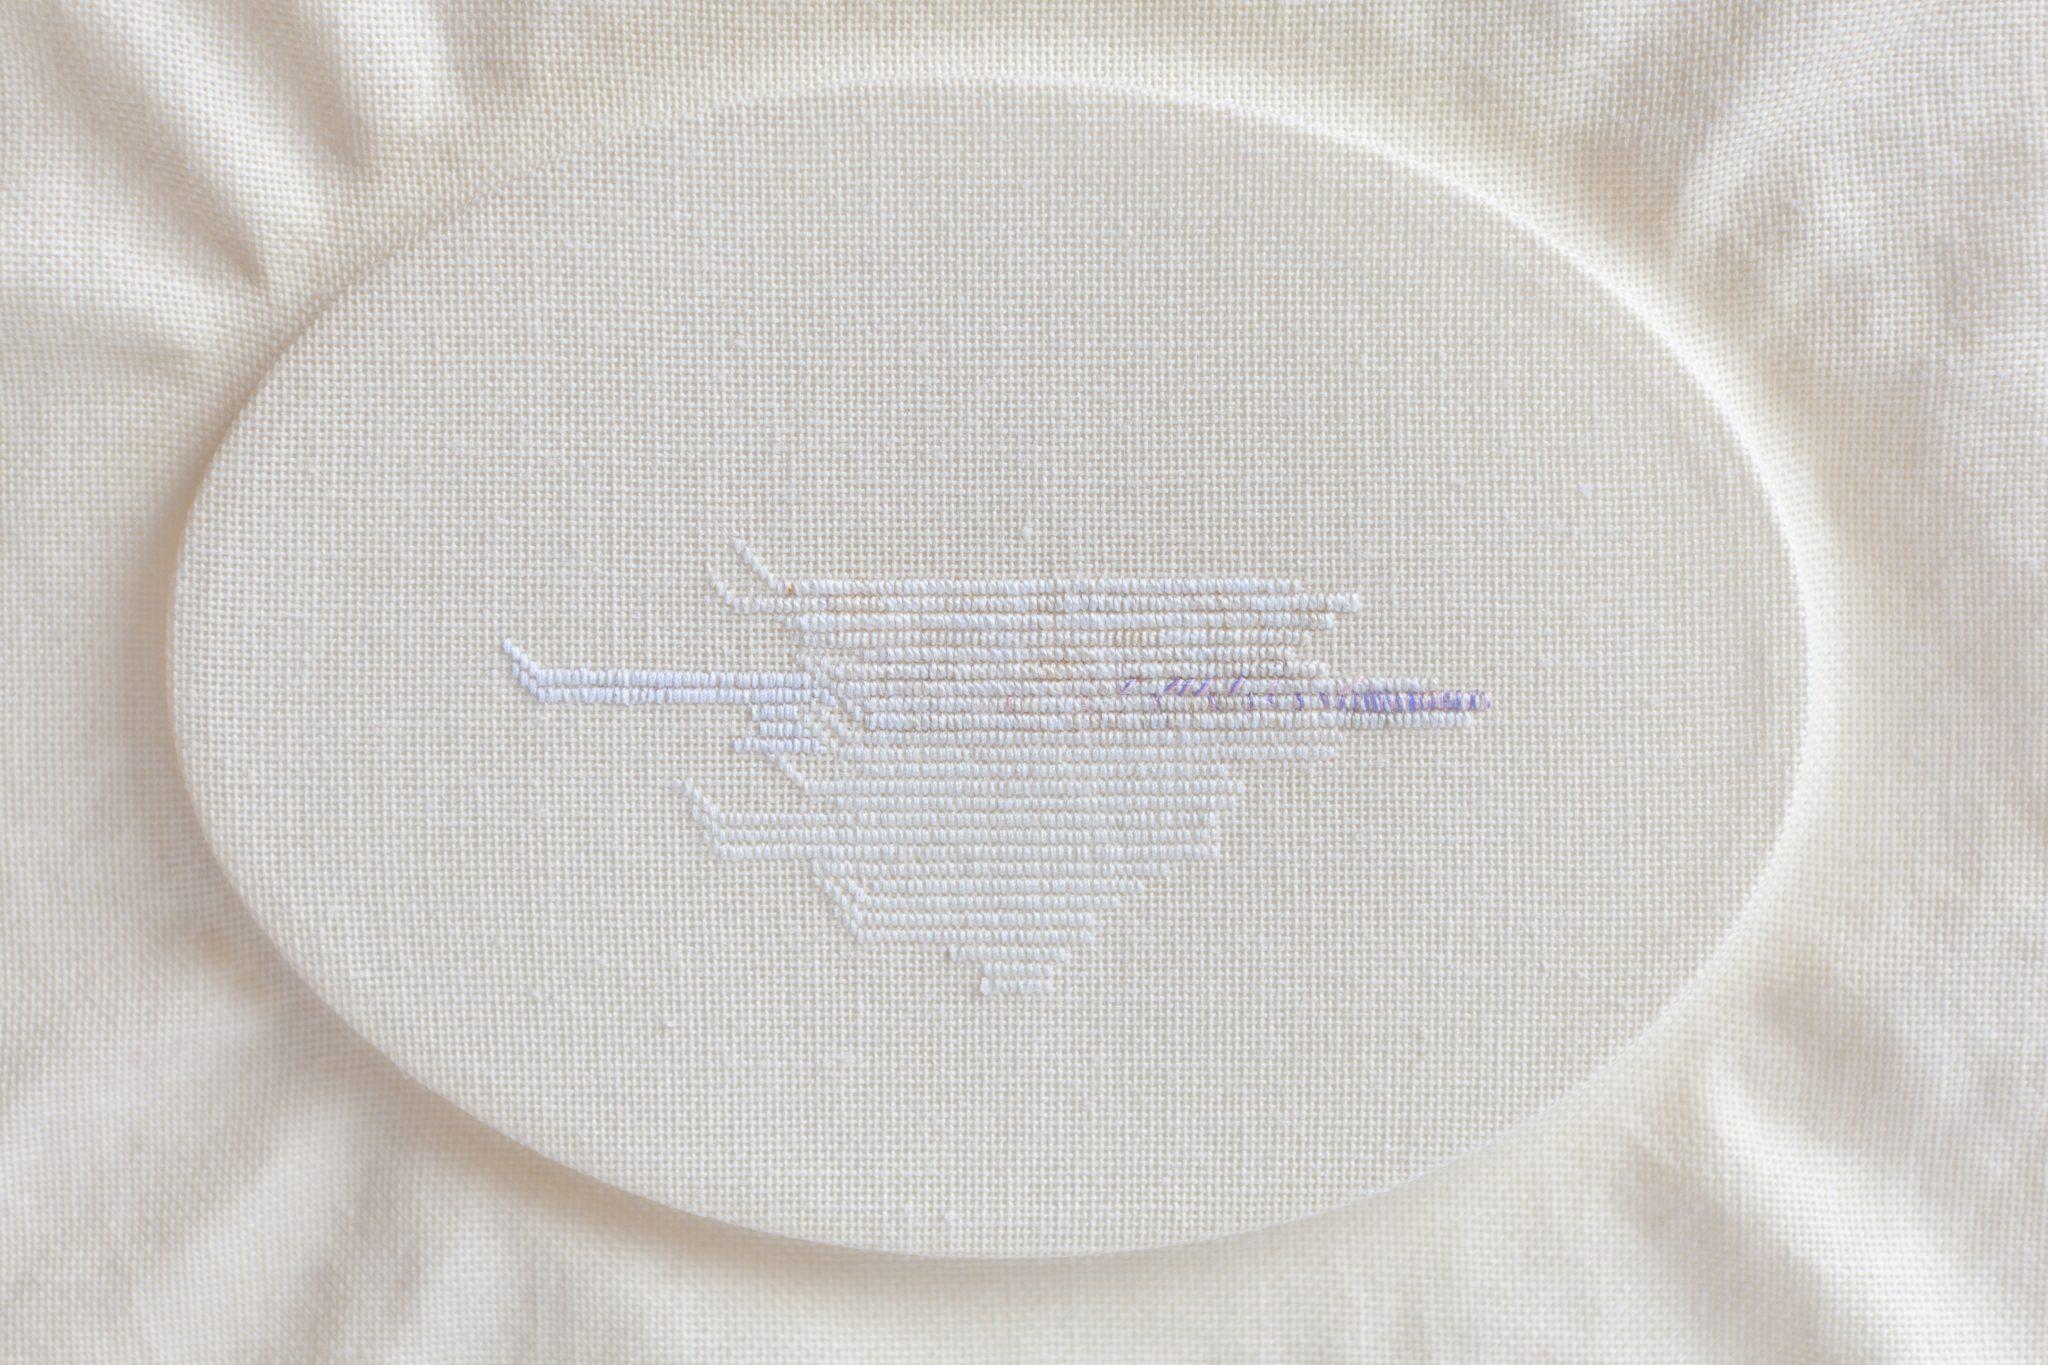 Strata - Thread on linen